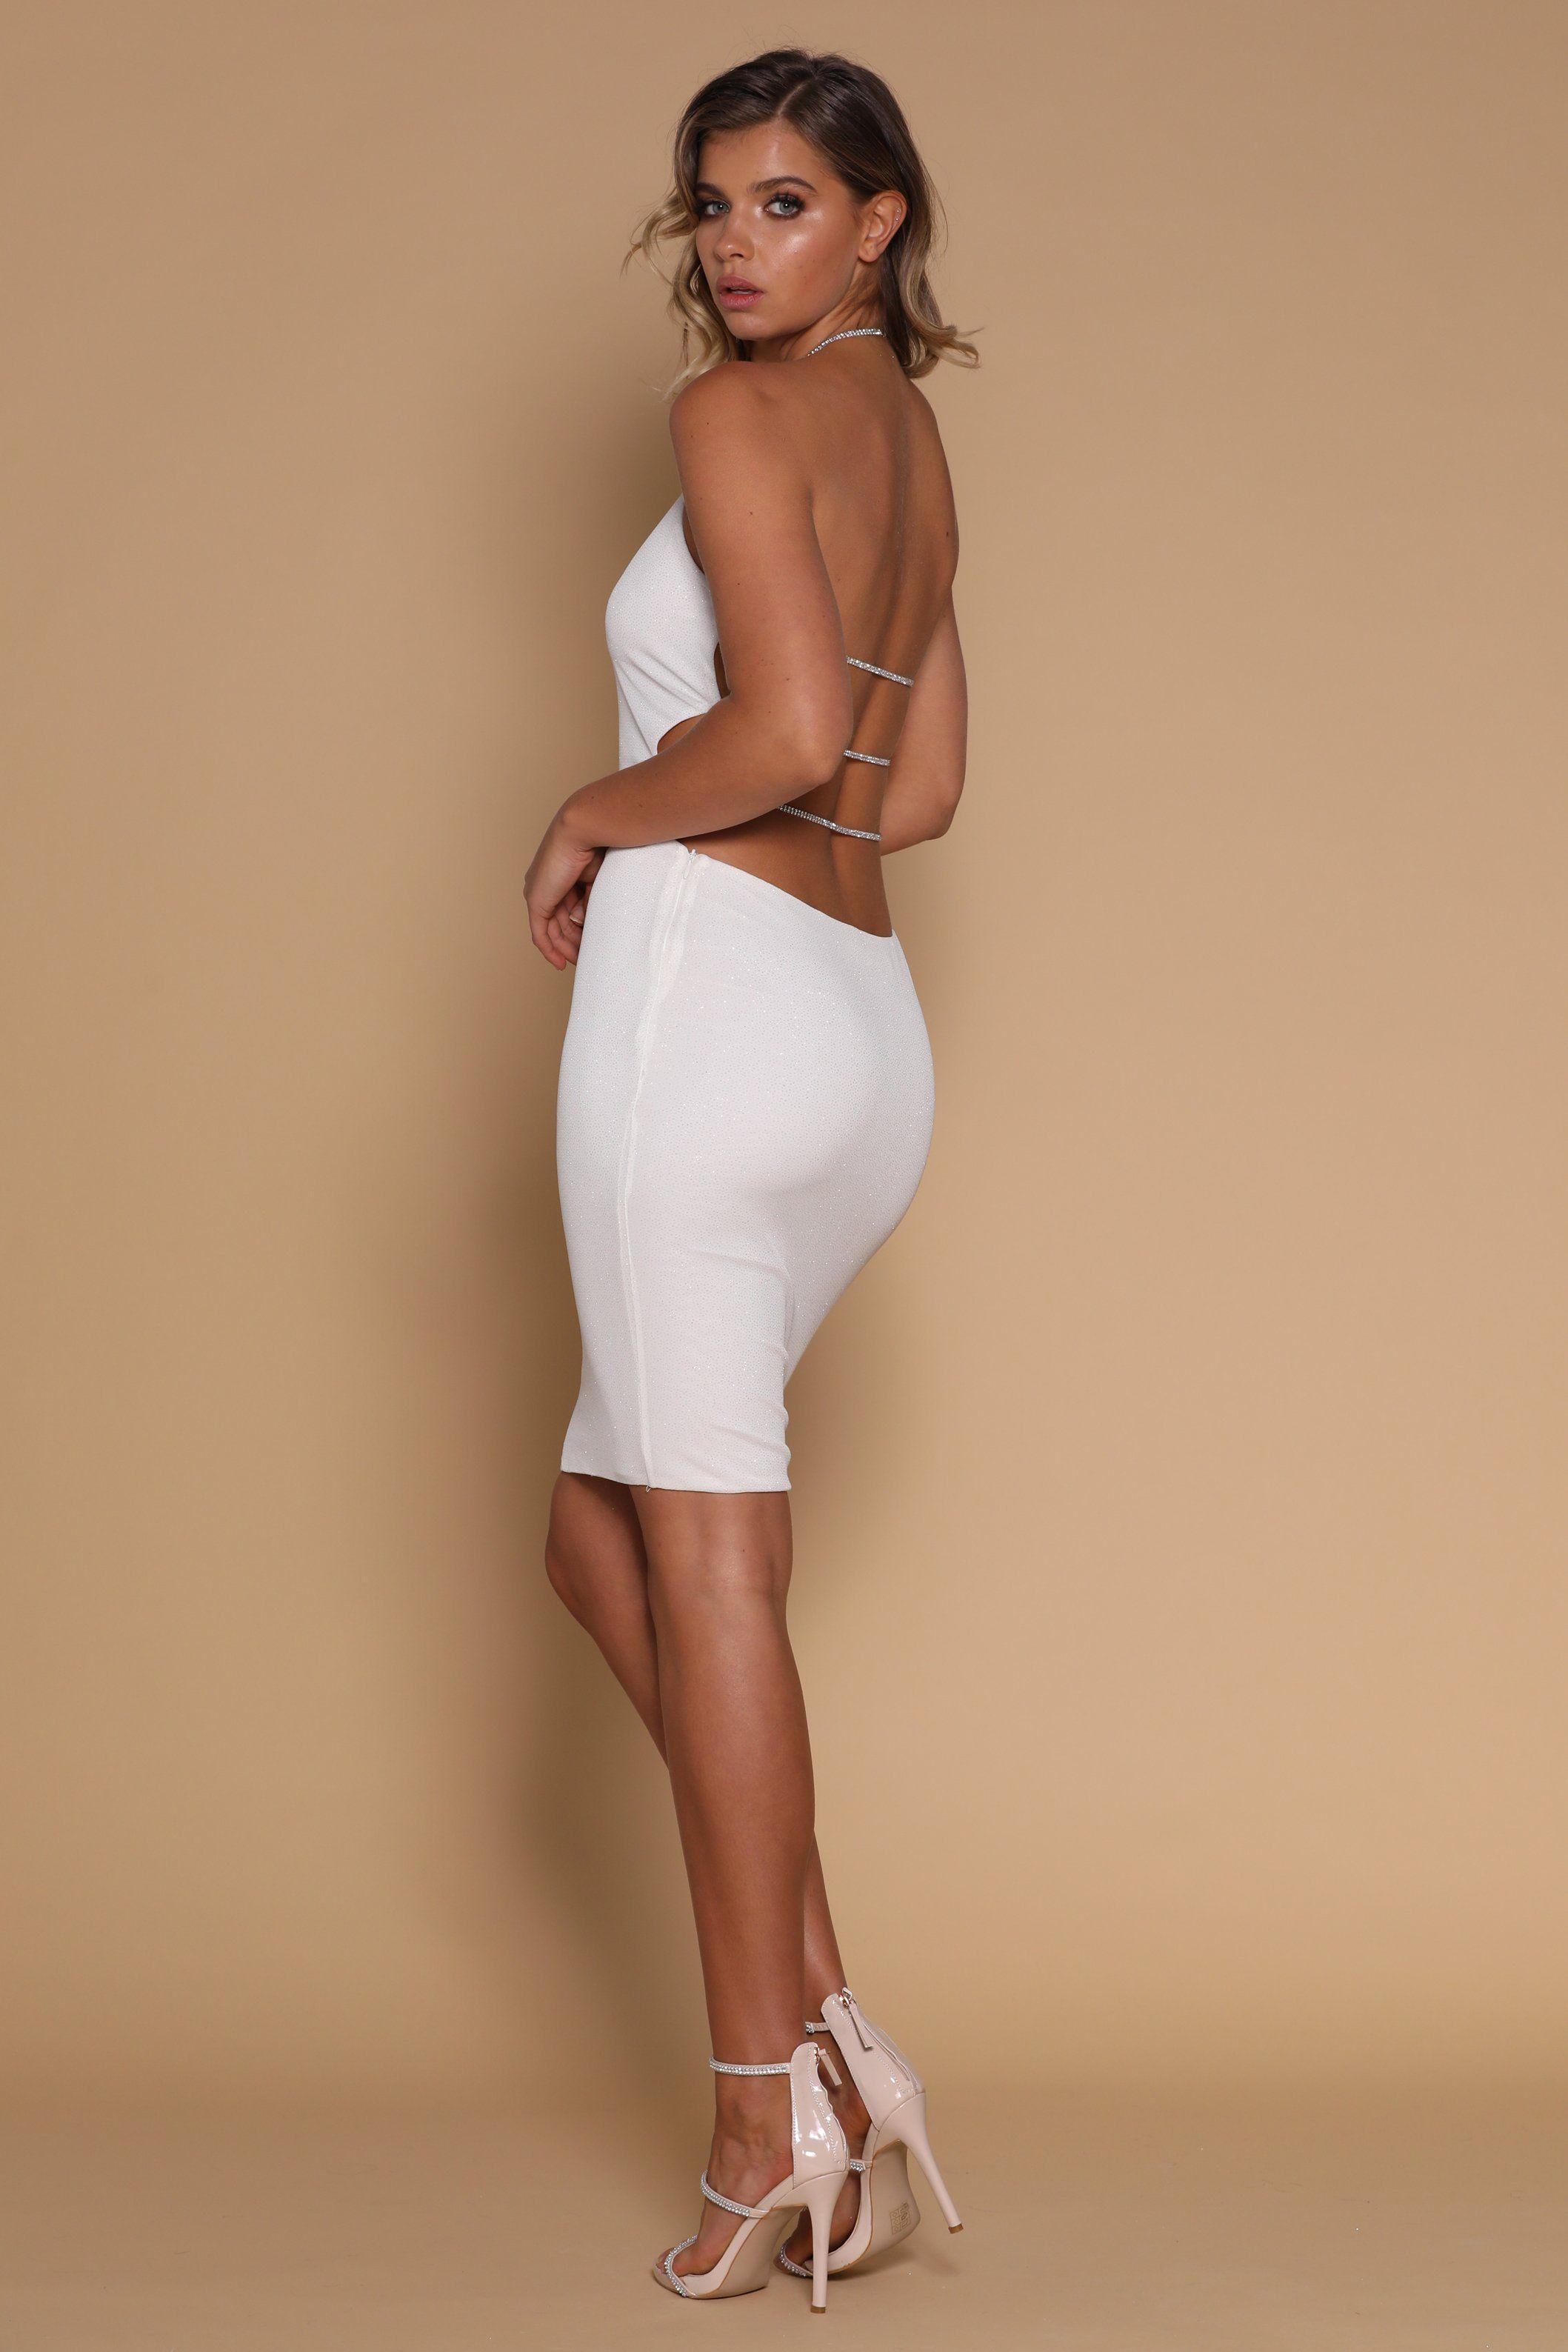 c6fb4326a Azizi Diamante String Midi Dress - White - MESHKI